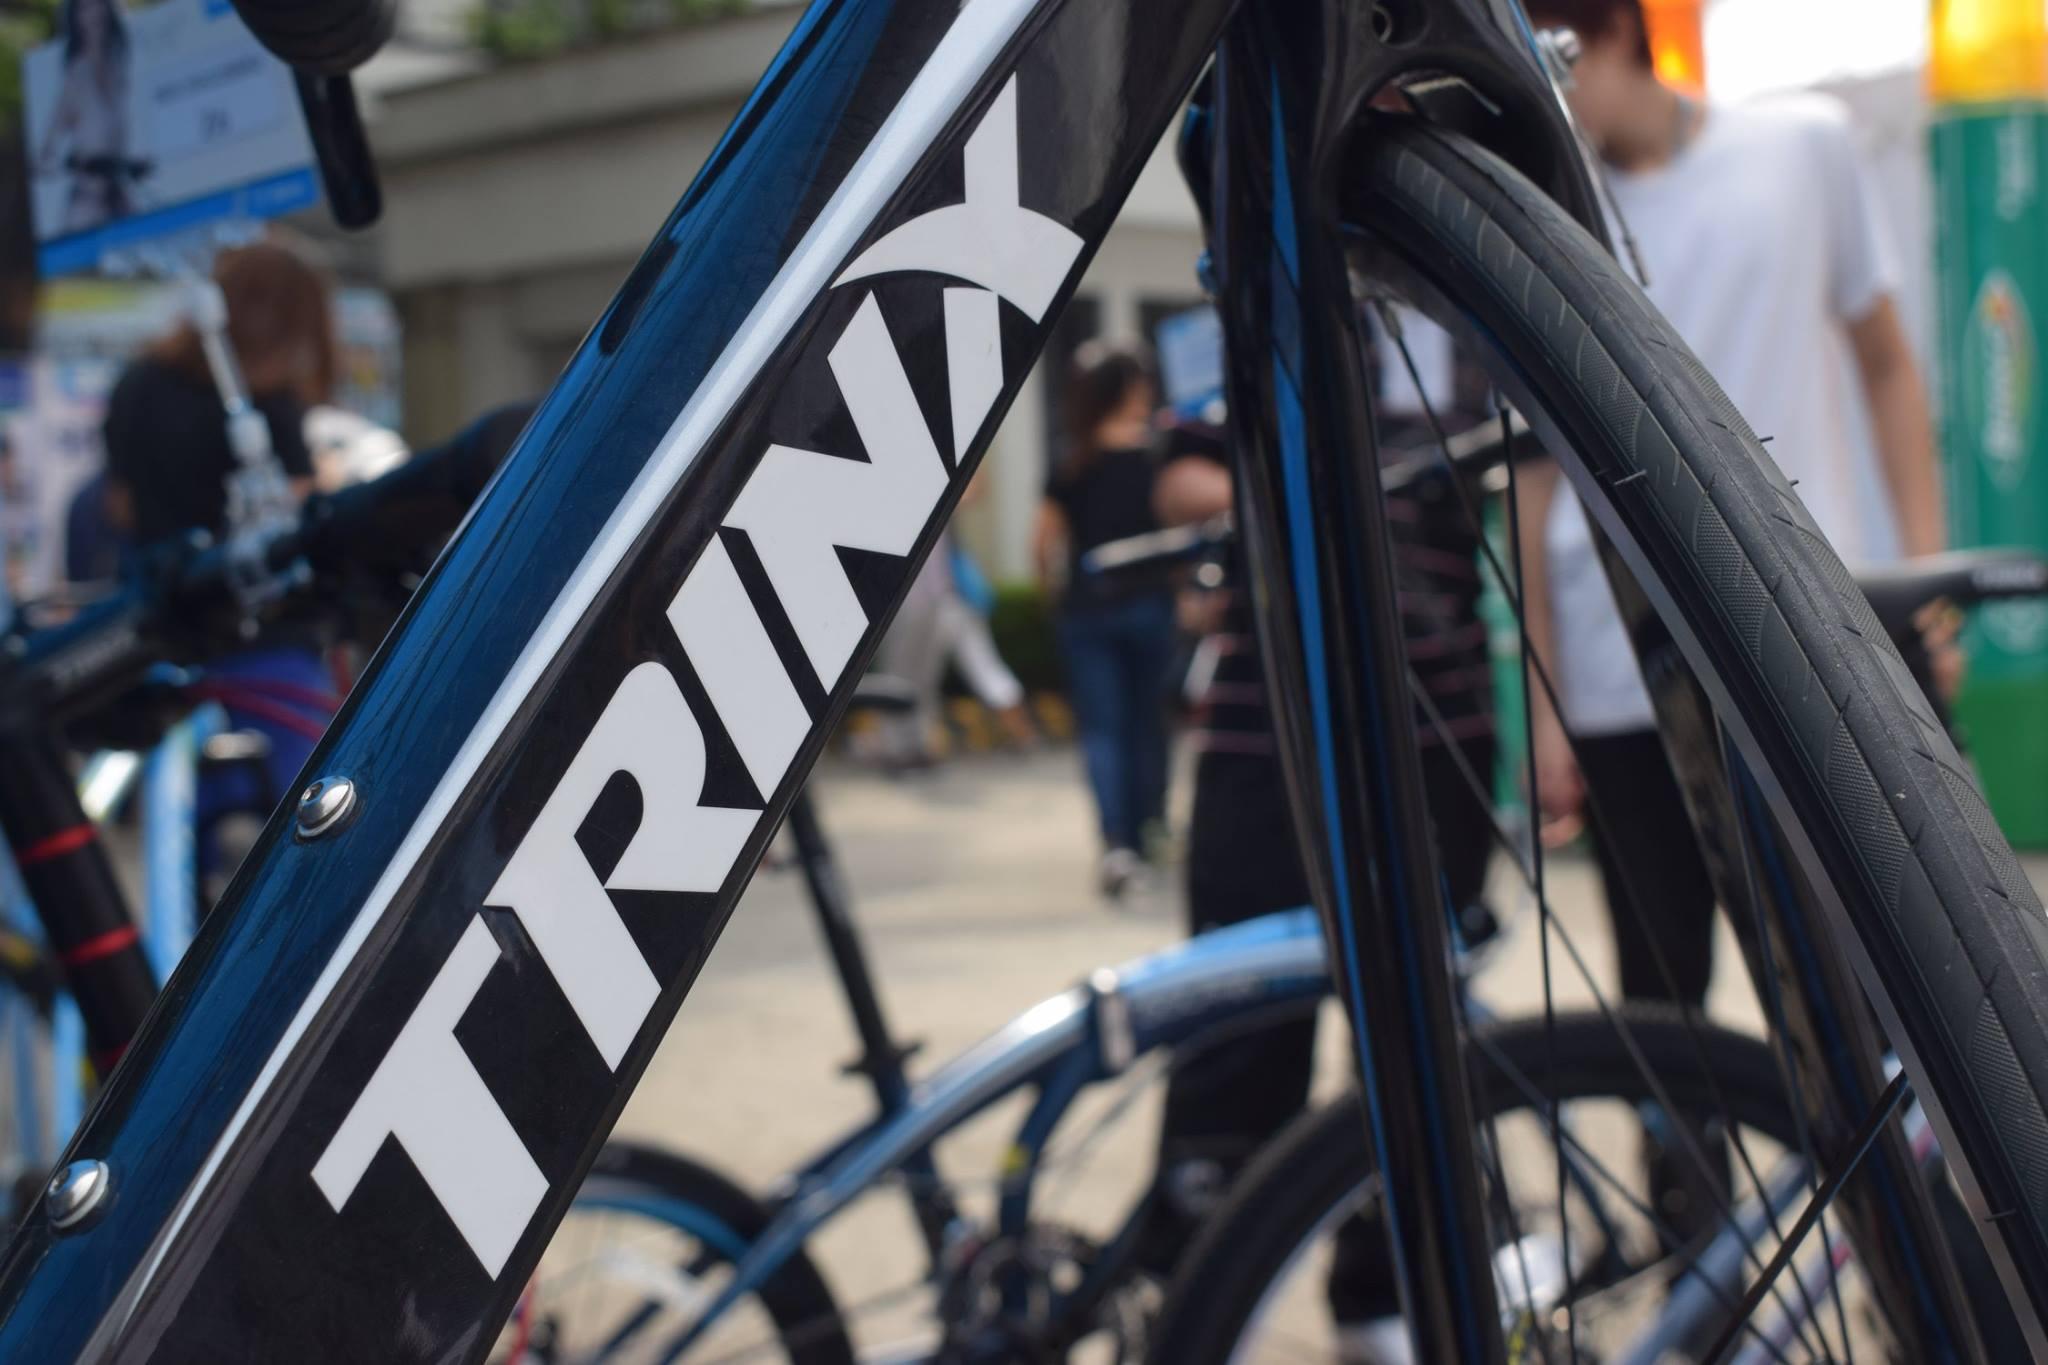 Trinx 25